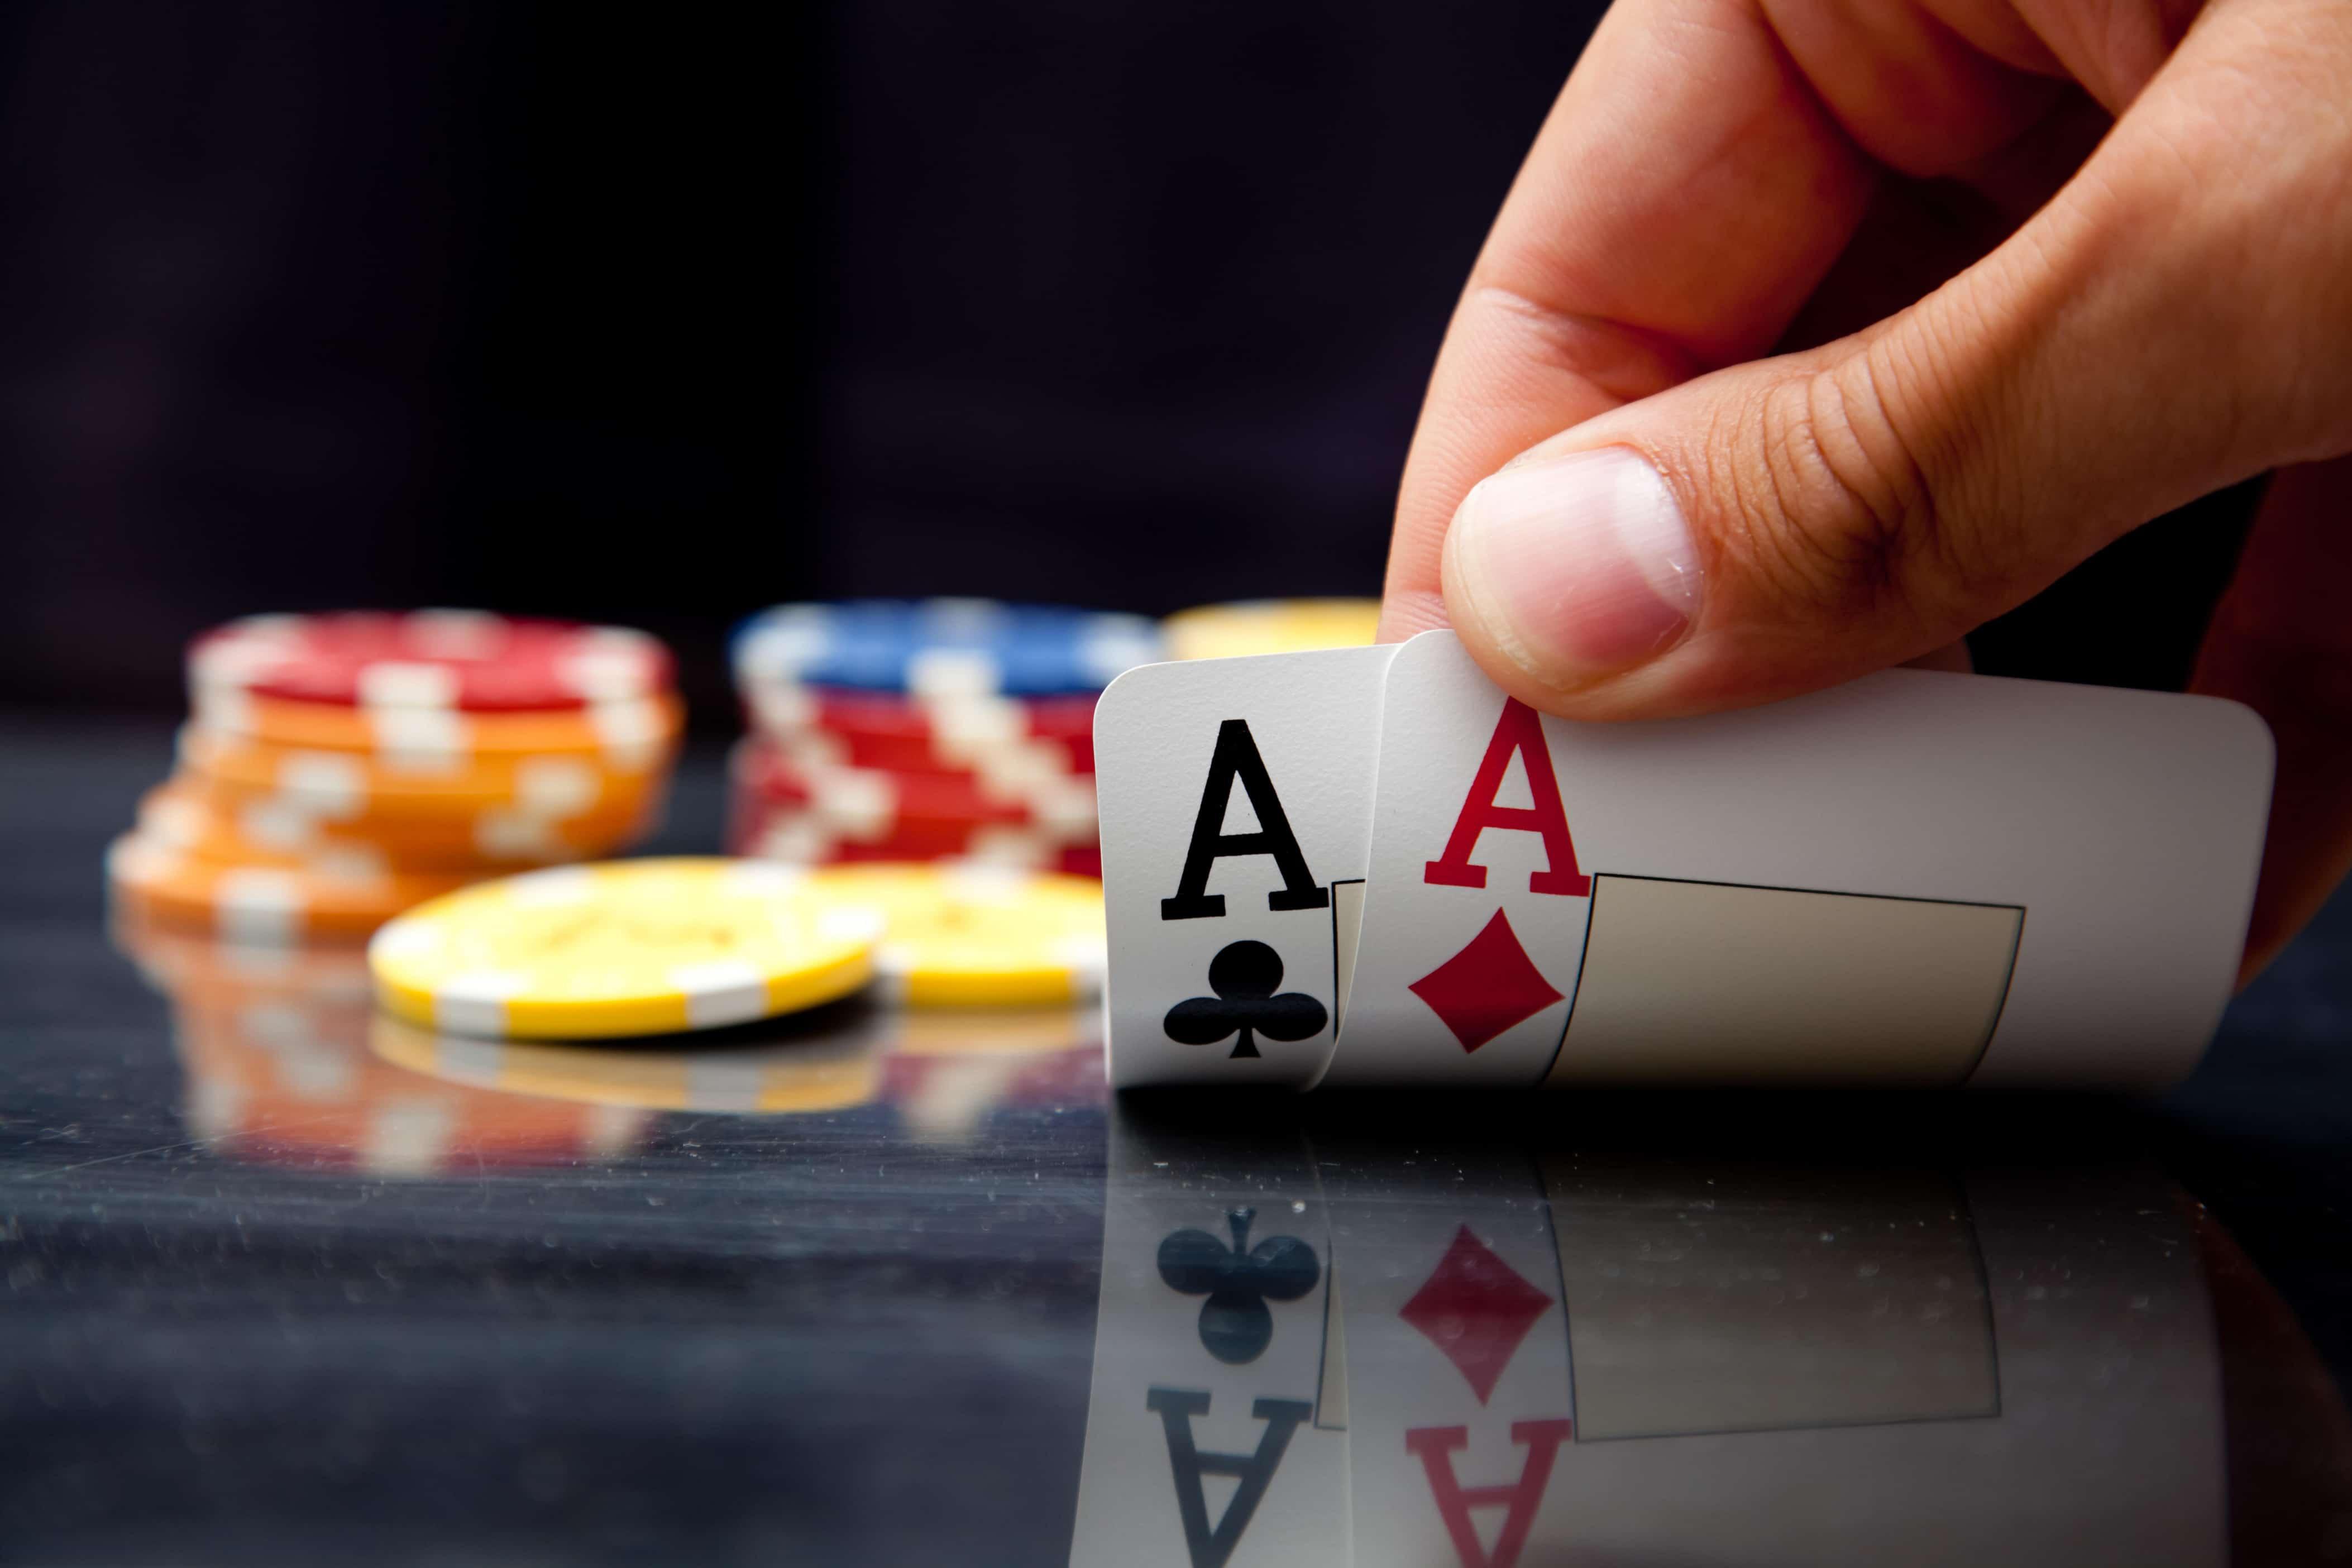 Dal 27 novembre raffica di tornei, gare, emozioni sino al Final table del 1 dicembre